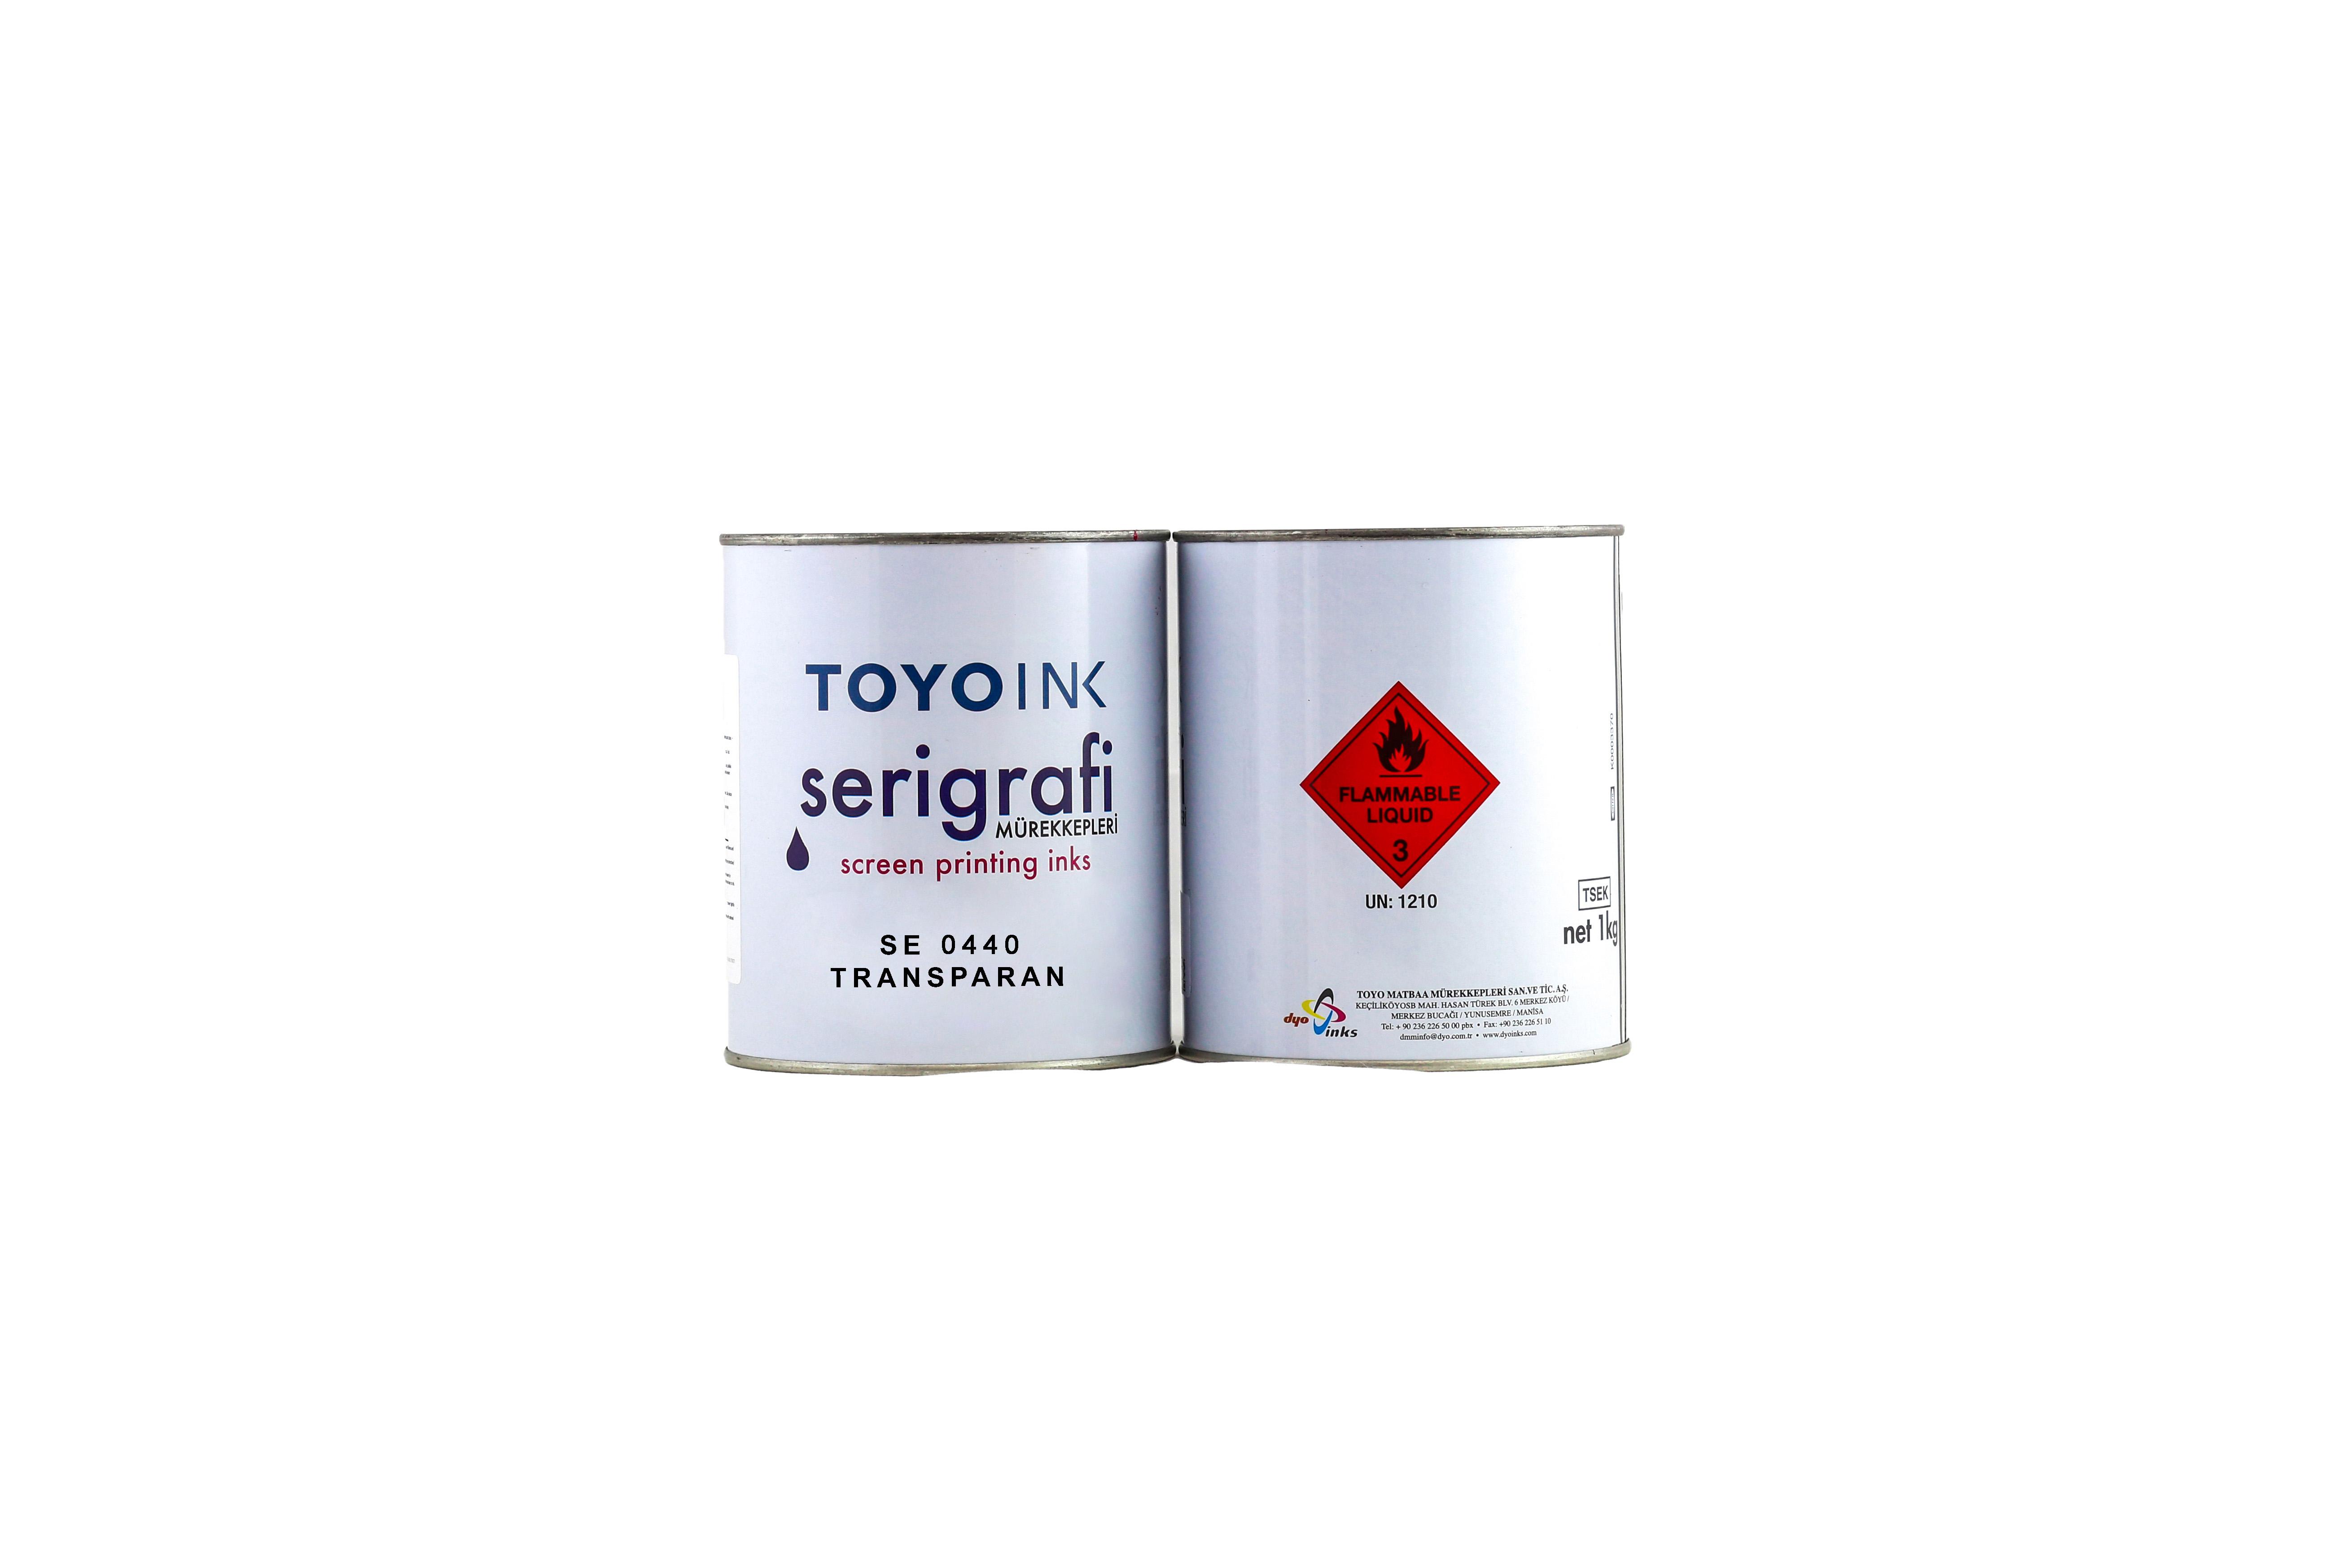 Toyo Ink - SE 0440 transparan 1